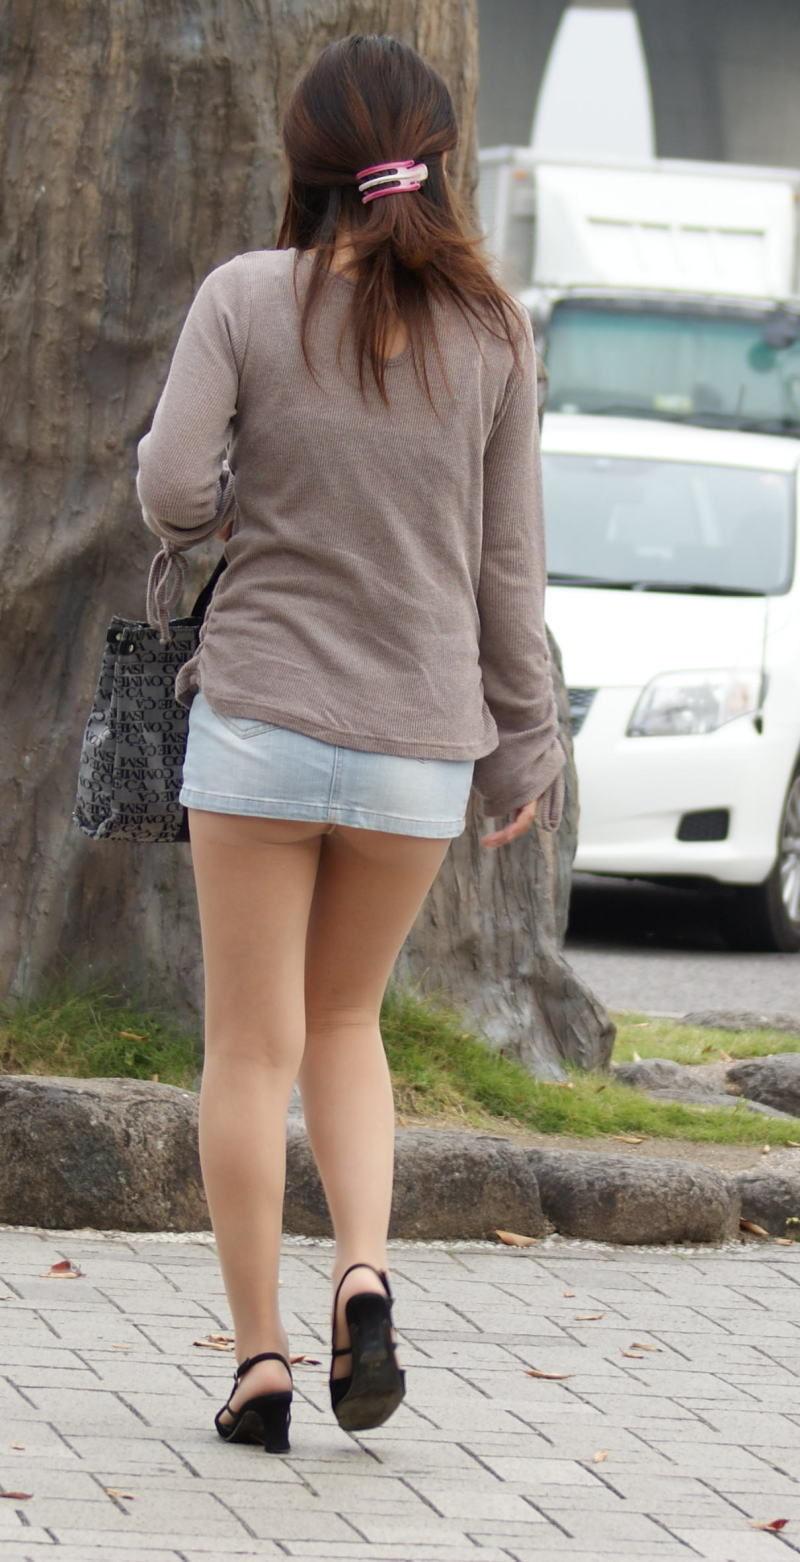 【ミニスカエロ画像】美脚、むき出しの太もも!春よ来い!美脚ミニスカエロ画像 62